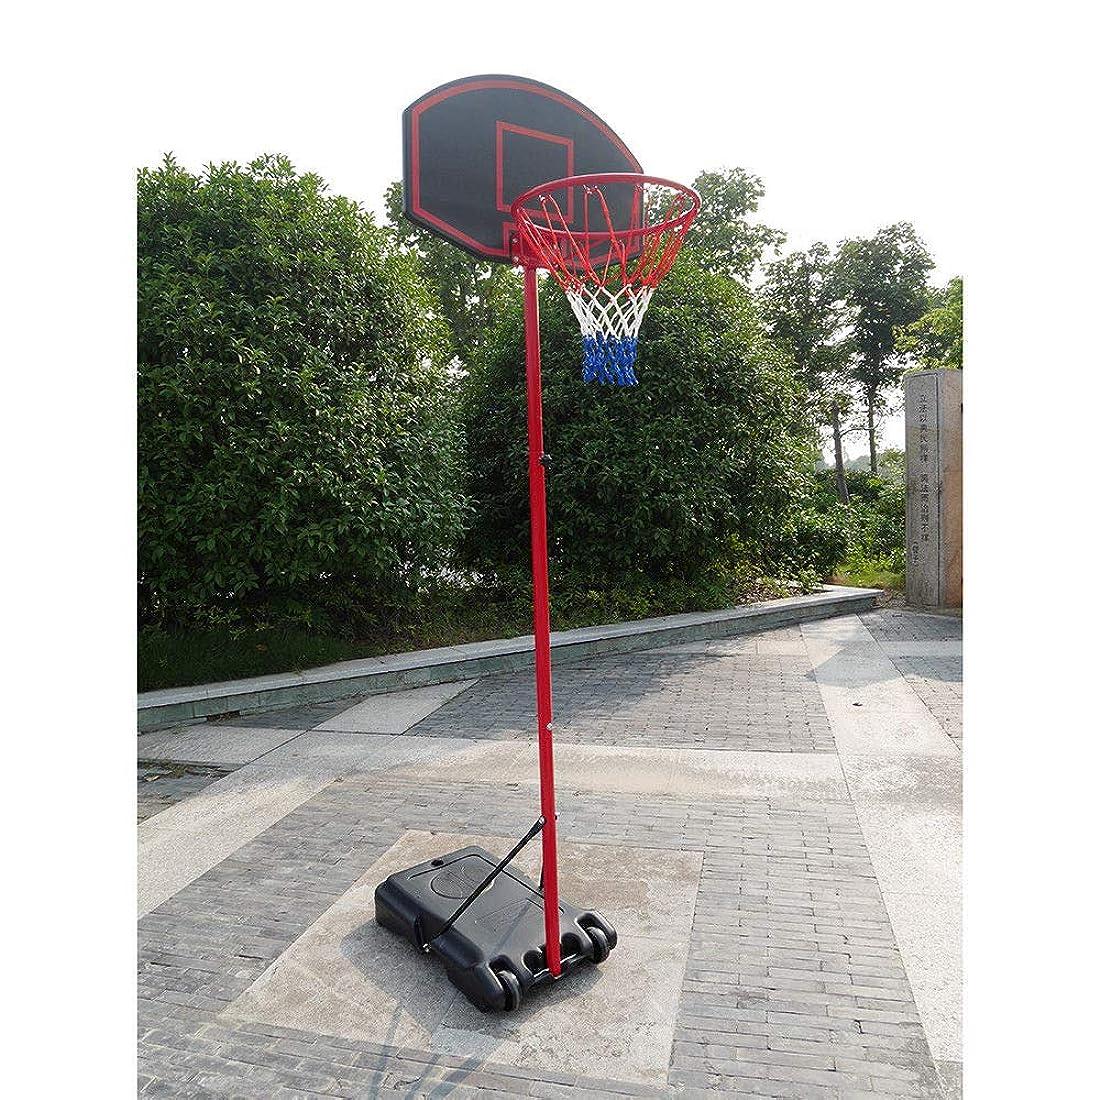 入る創始者弾薬Alek.Shop アウトドアスポーツ 練習 プレイ バスケットボール 調節可能なフープシステム スタンドホイール 子供 屋内 屋外 ネットゴール